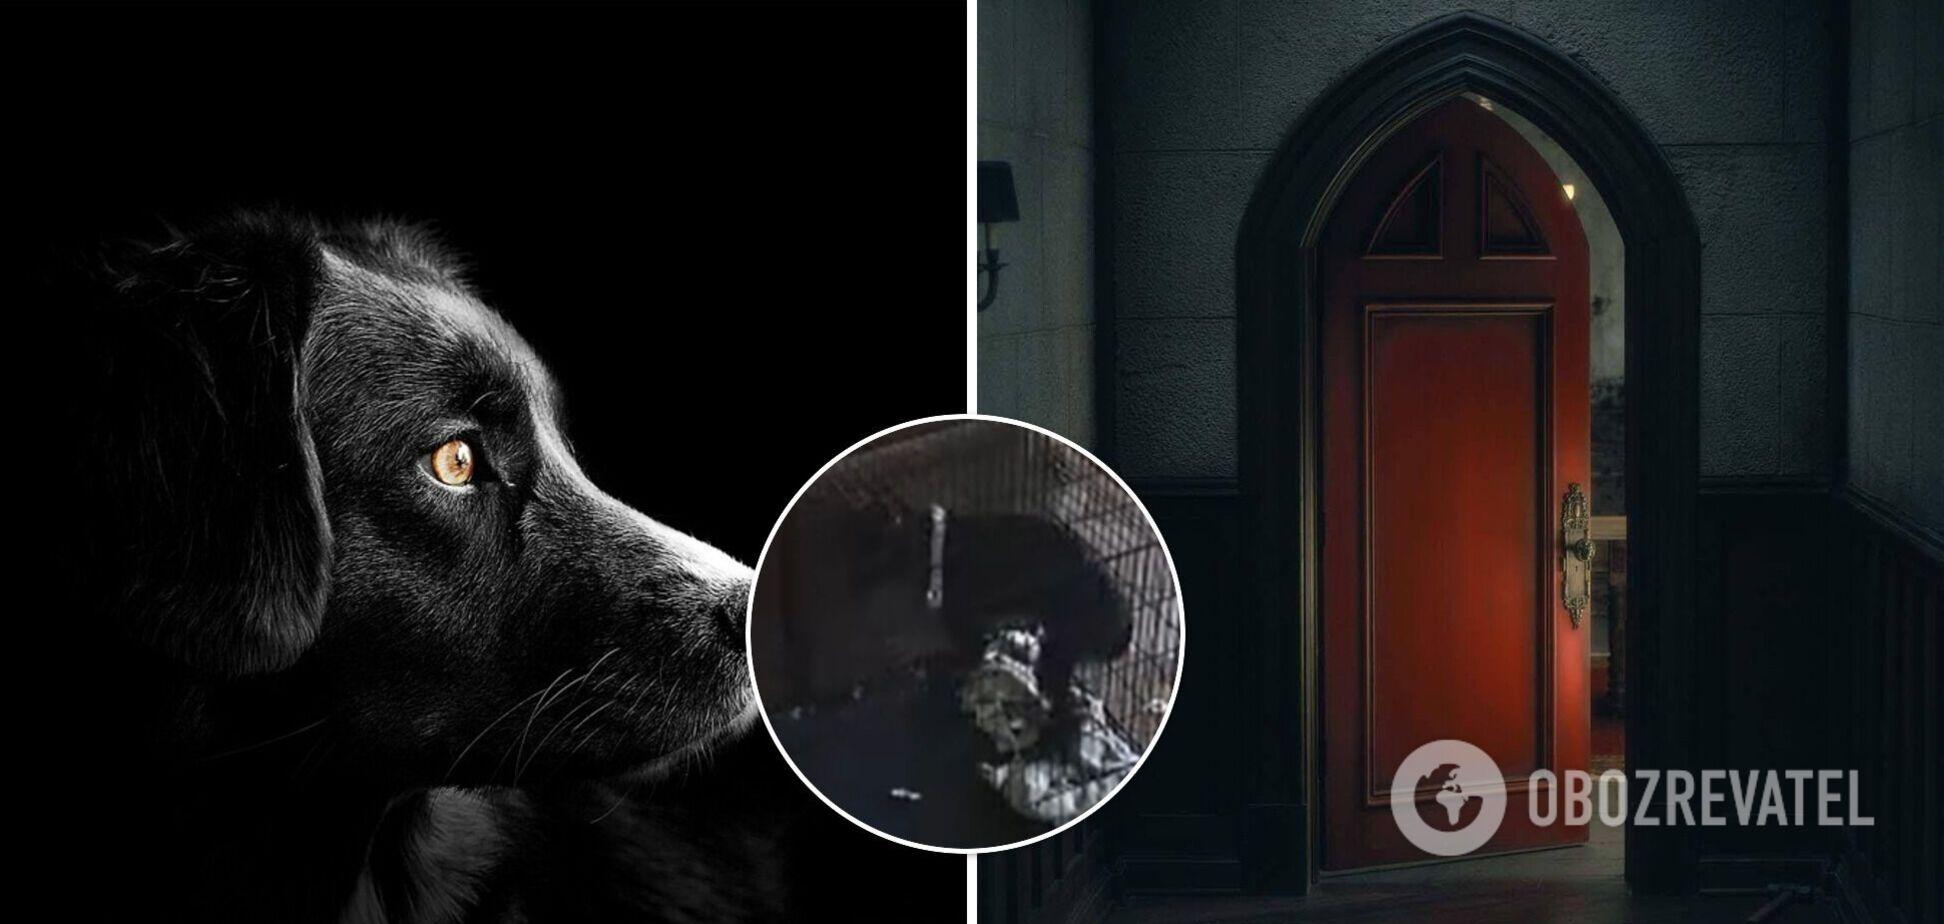 Сеть всполошили кадры нападения полтергейста на собак. Видео